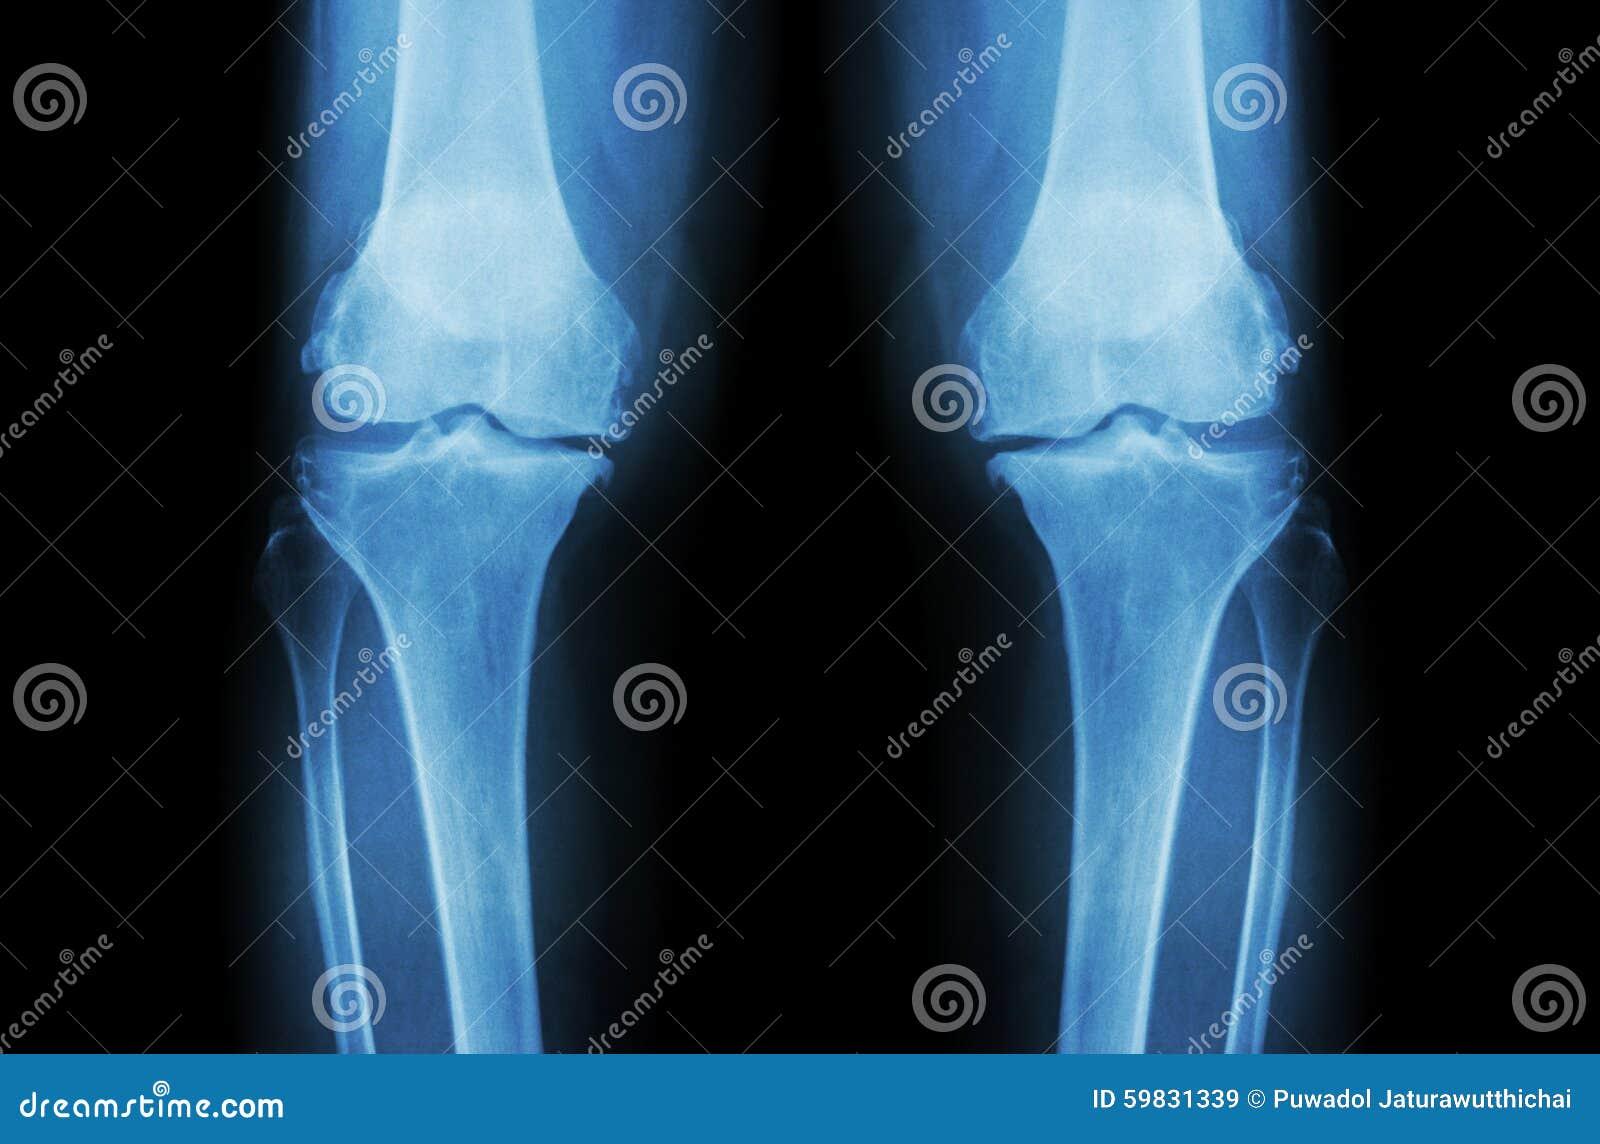 骨关节炎膝盖(OA膝盖) 两影片的X-射线膝盖(正面图)展示狭窄联接空间(联合软骨损失),骨赘